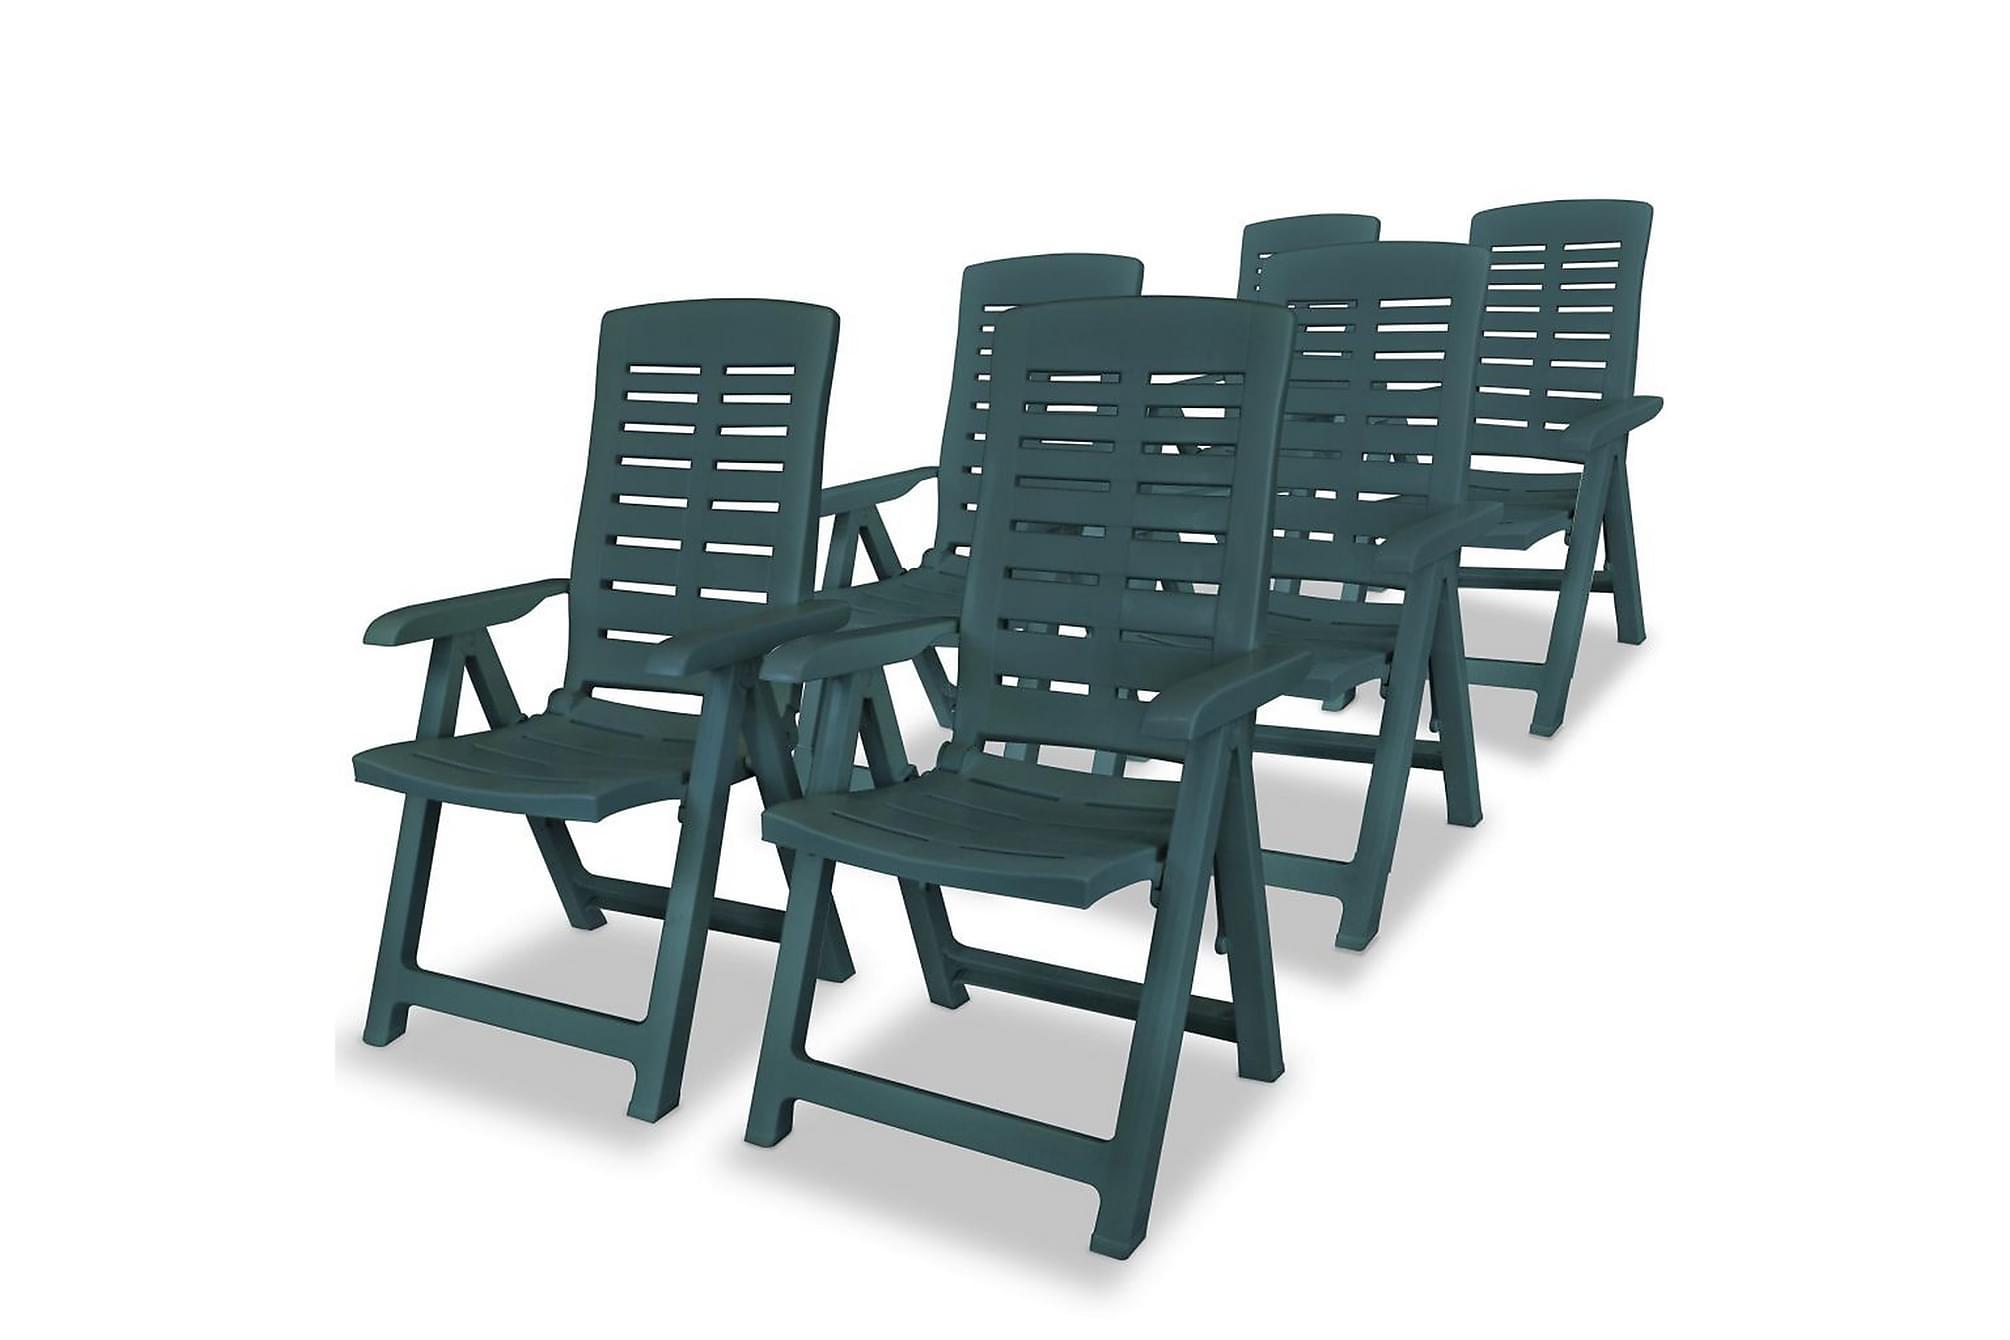 Justerbara trädgårdsstolar 6 st plast grön, Positionsstol